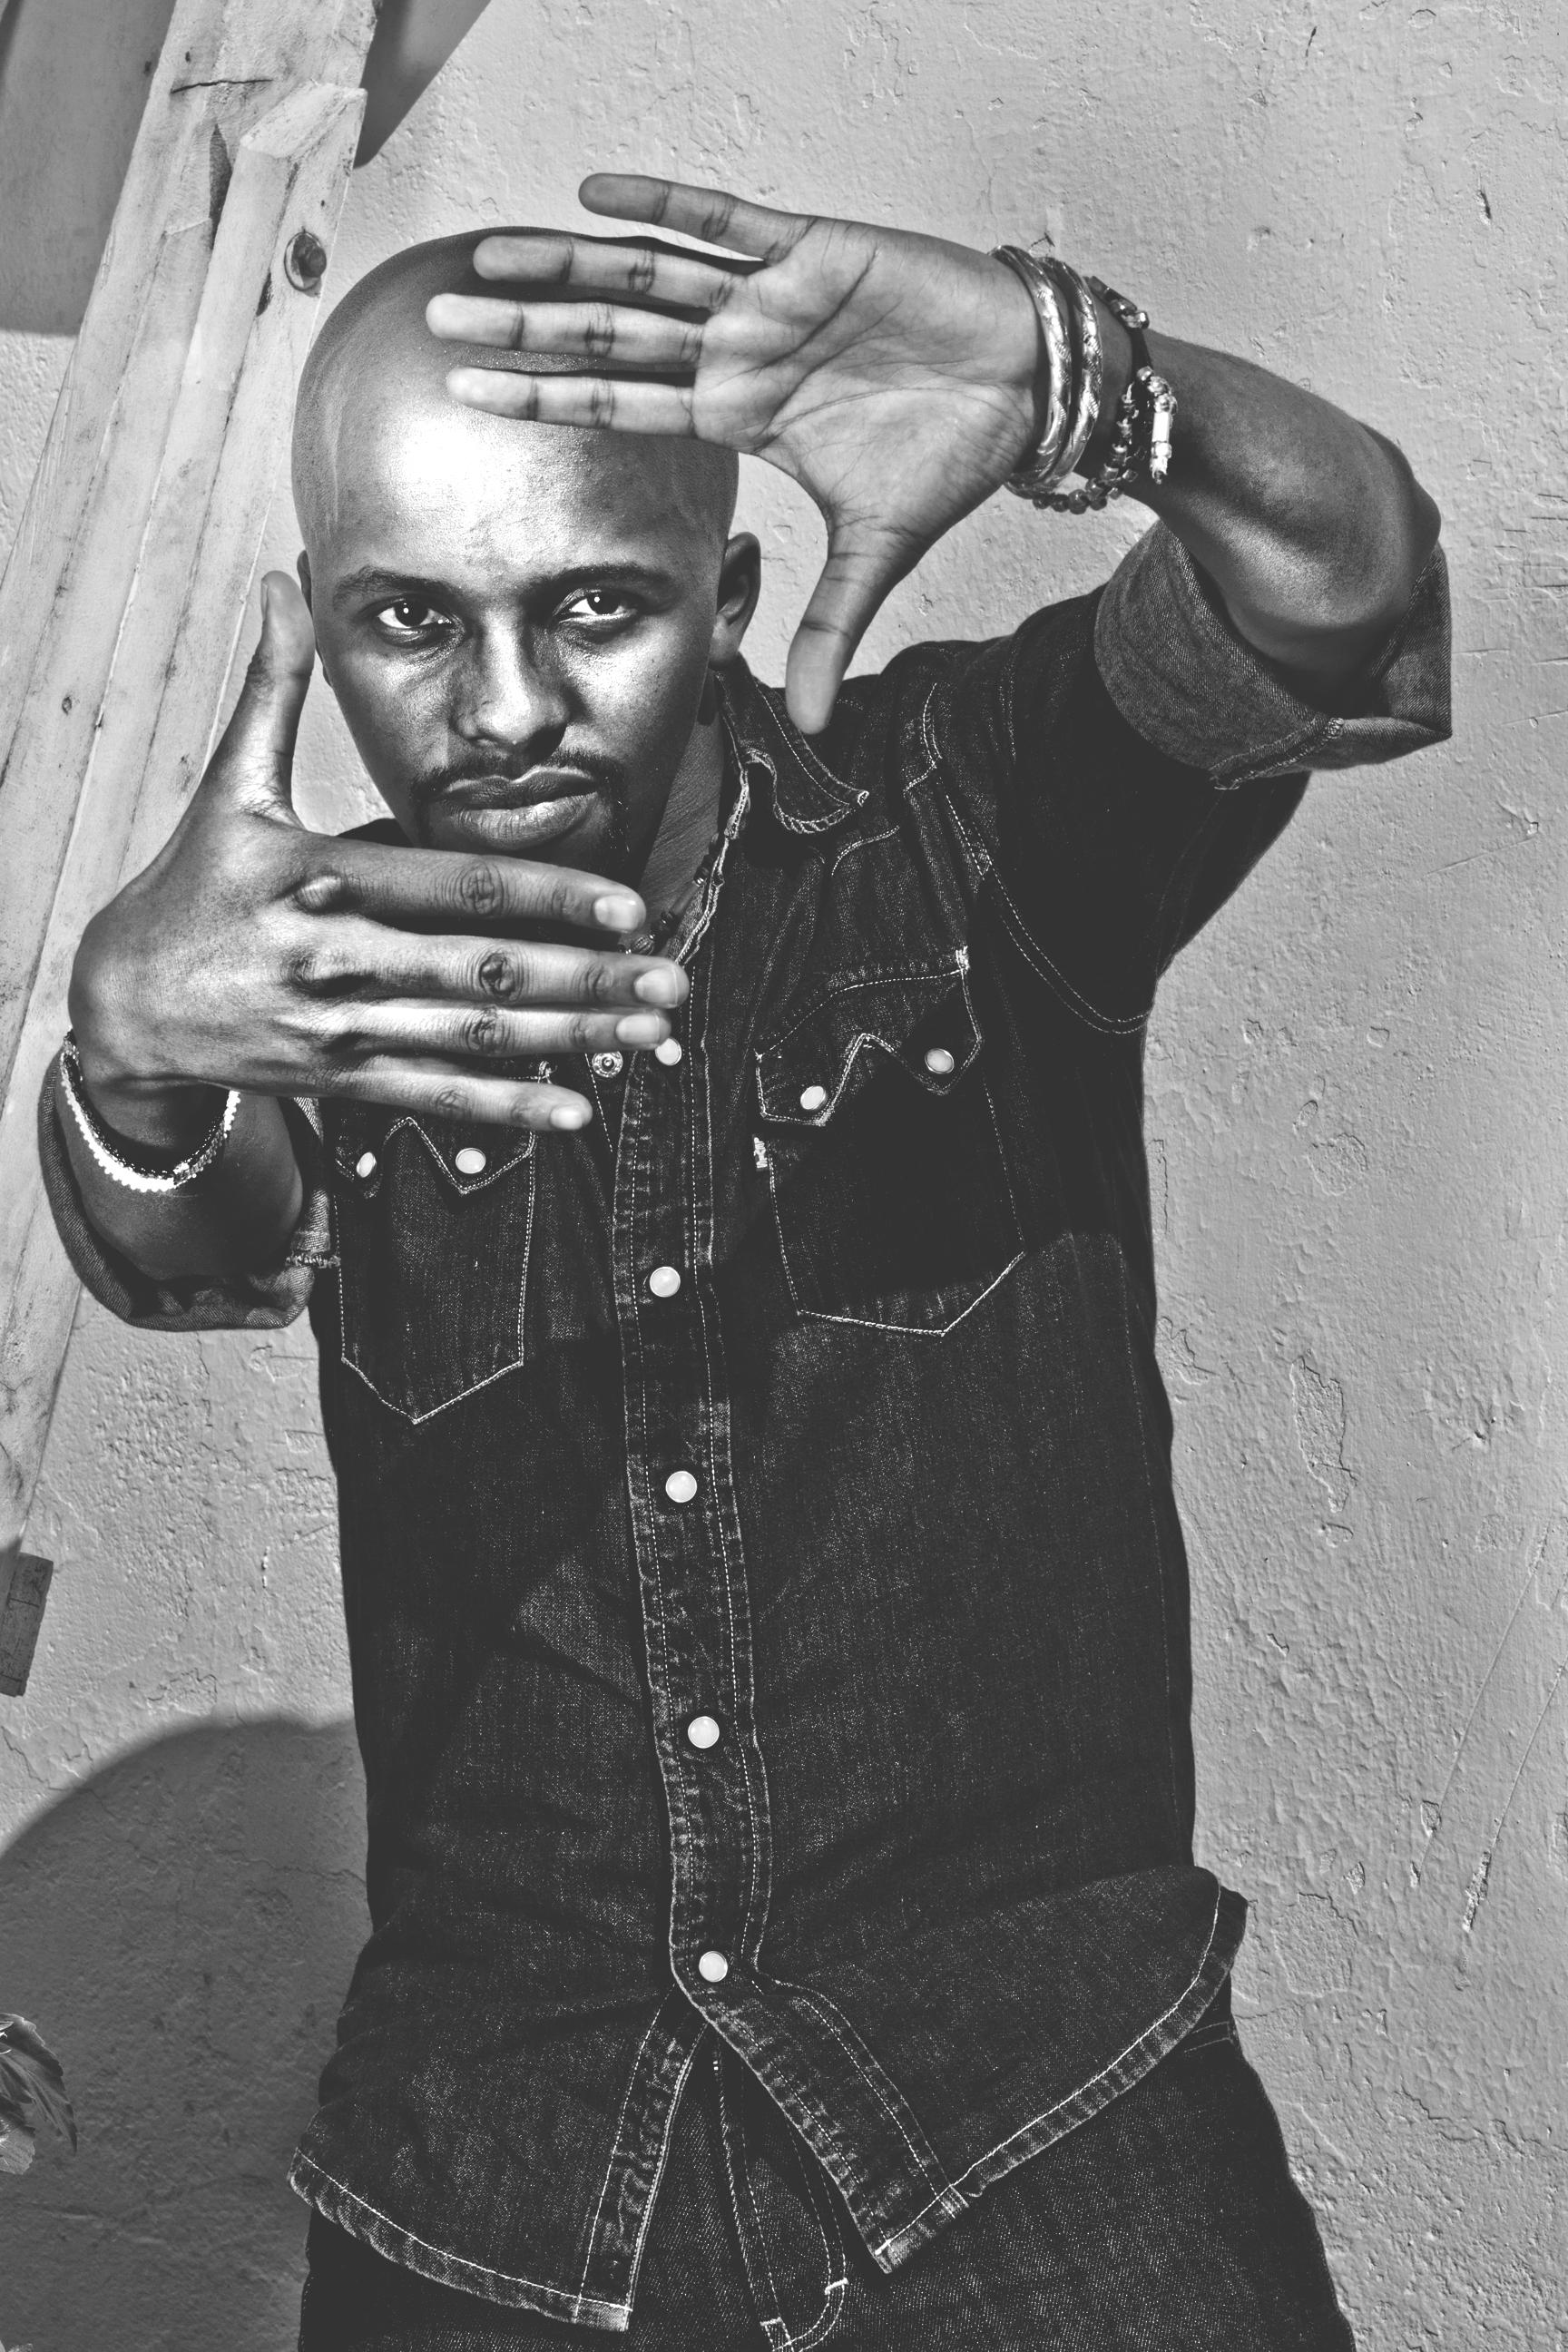 Promo still by Joshua Obaga (2012)